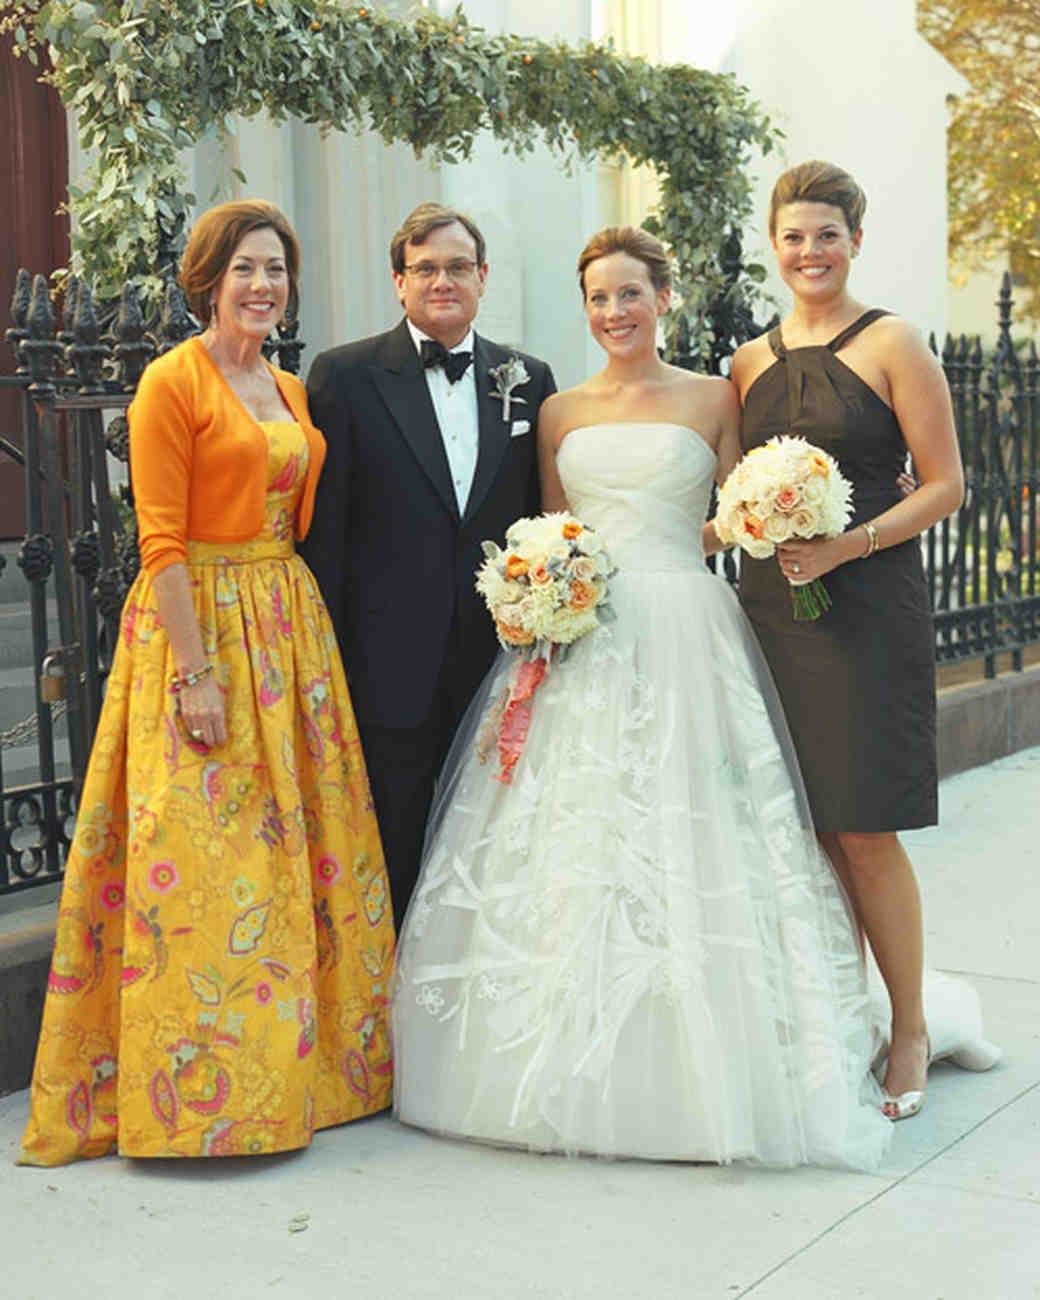 Wedding Guest Attire Martha Stewart Weddings